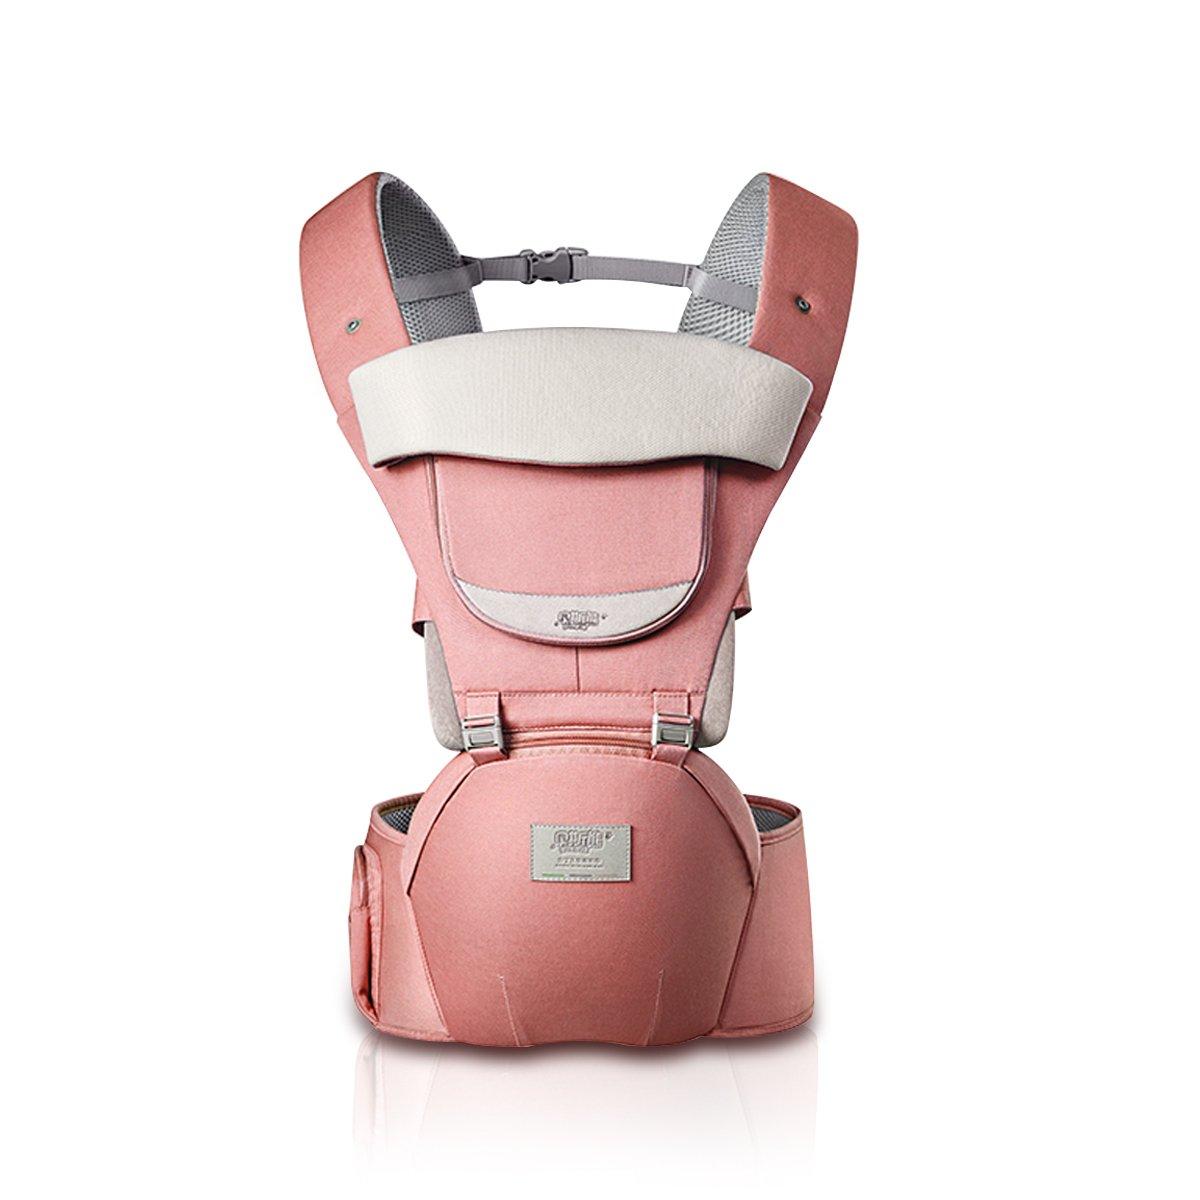 SONARIN 3 in 1 All Season atmungsaktive Hipseat Baby Carrier, Babytrage, Sonnenschutz,Ergonomisch,Multifunktion,Einfach Mom,100% GARANTIE und KOSTENLOSE LIEFERUNG, Ideal Geschenk(Grau)